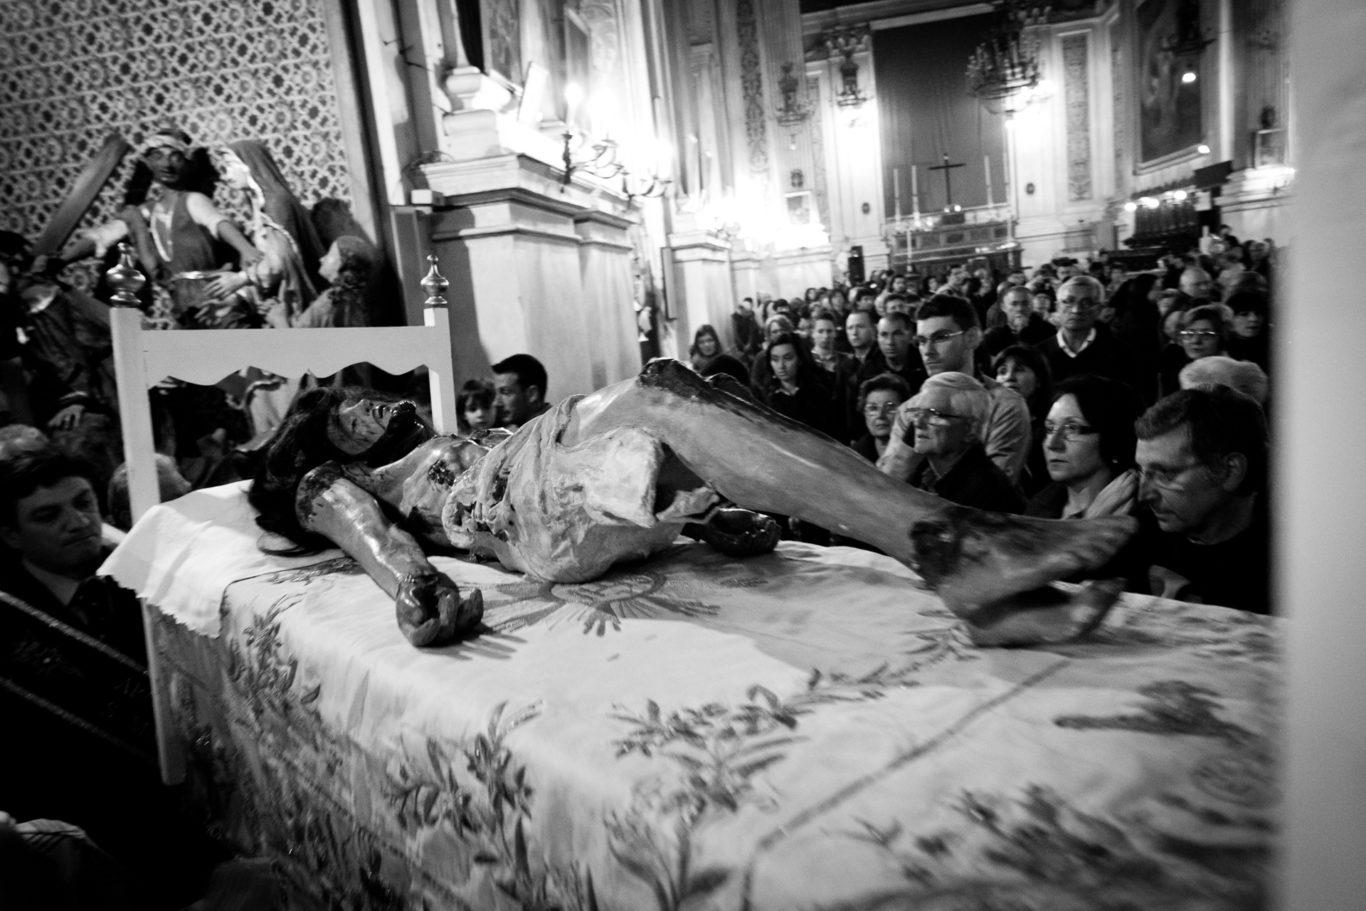 Scicli - I luoghi delle celebrazioni per la pasqua nella cittˆ sicialiana di Scicli. La cittˆ si prepara per la festa di Domenica.